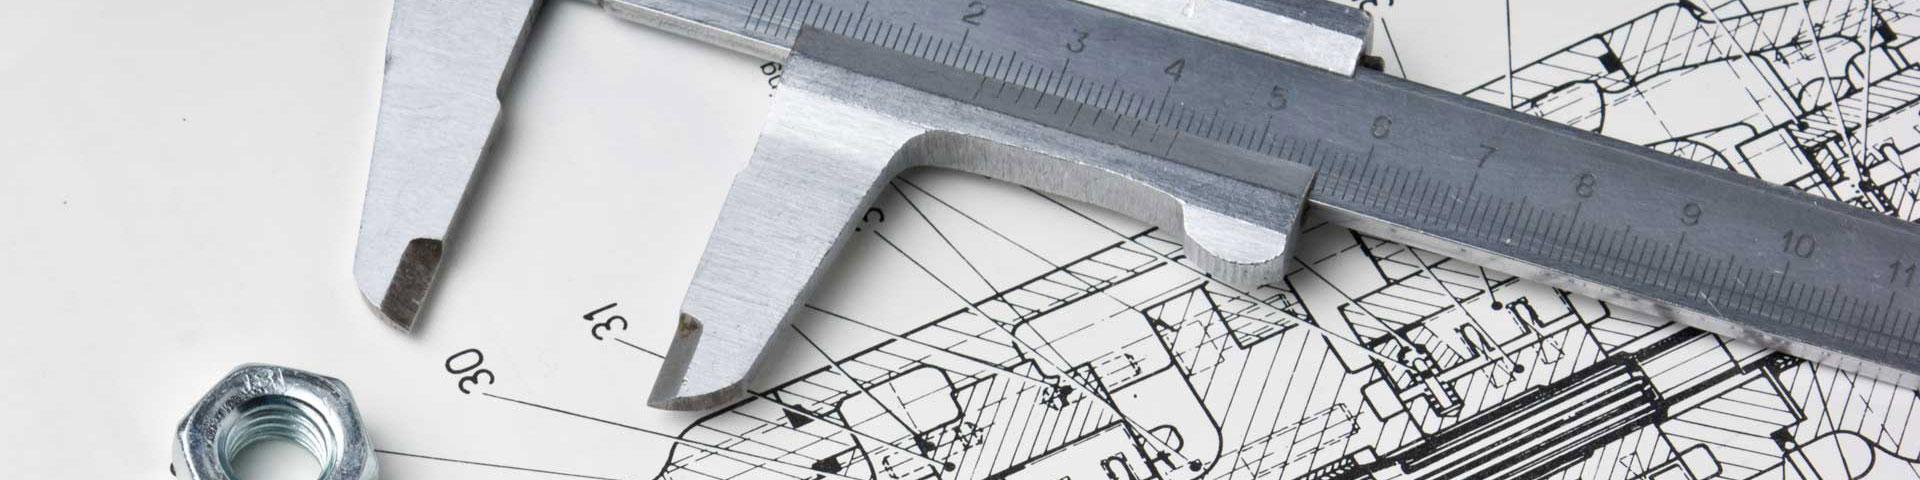 projektowanie-maszyn